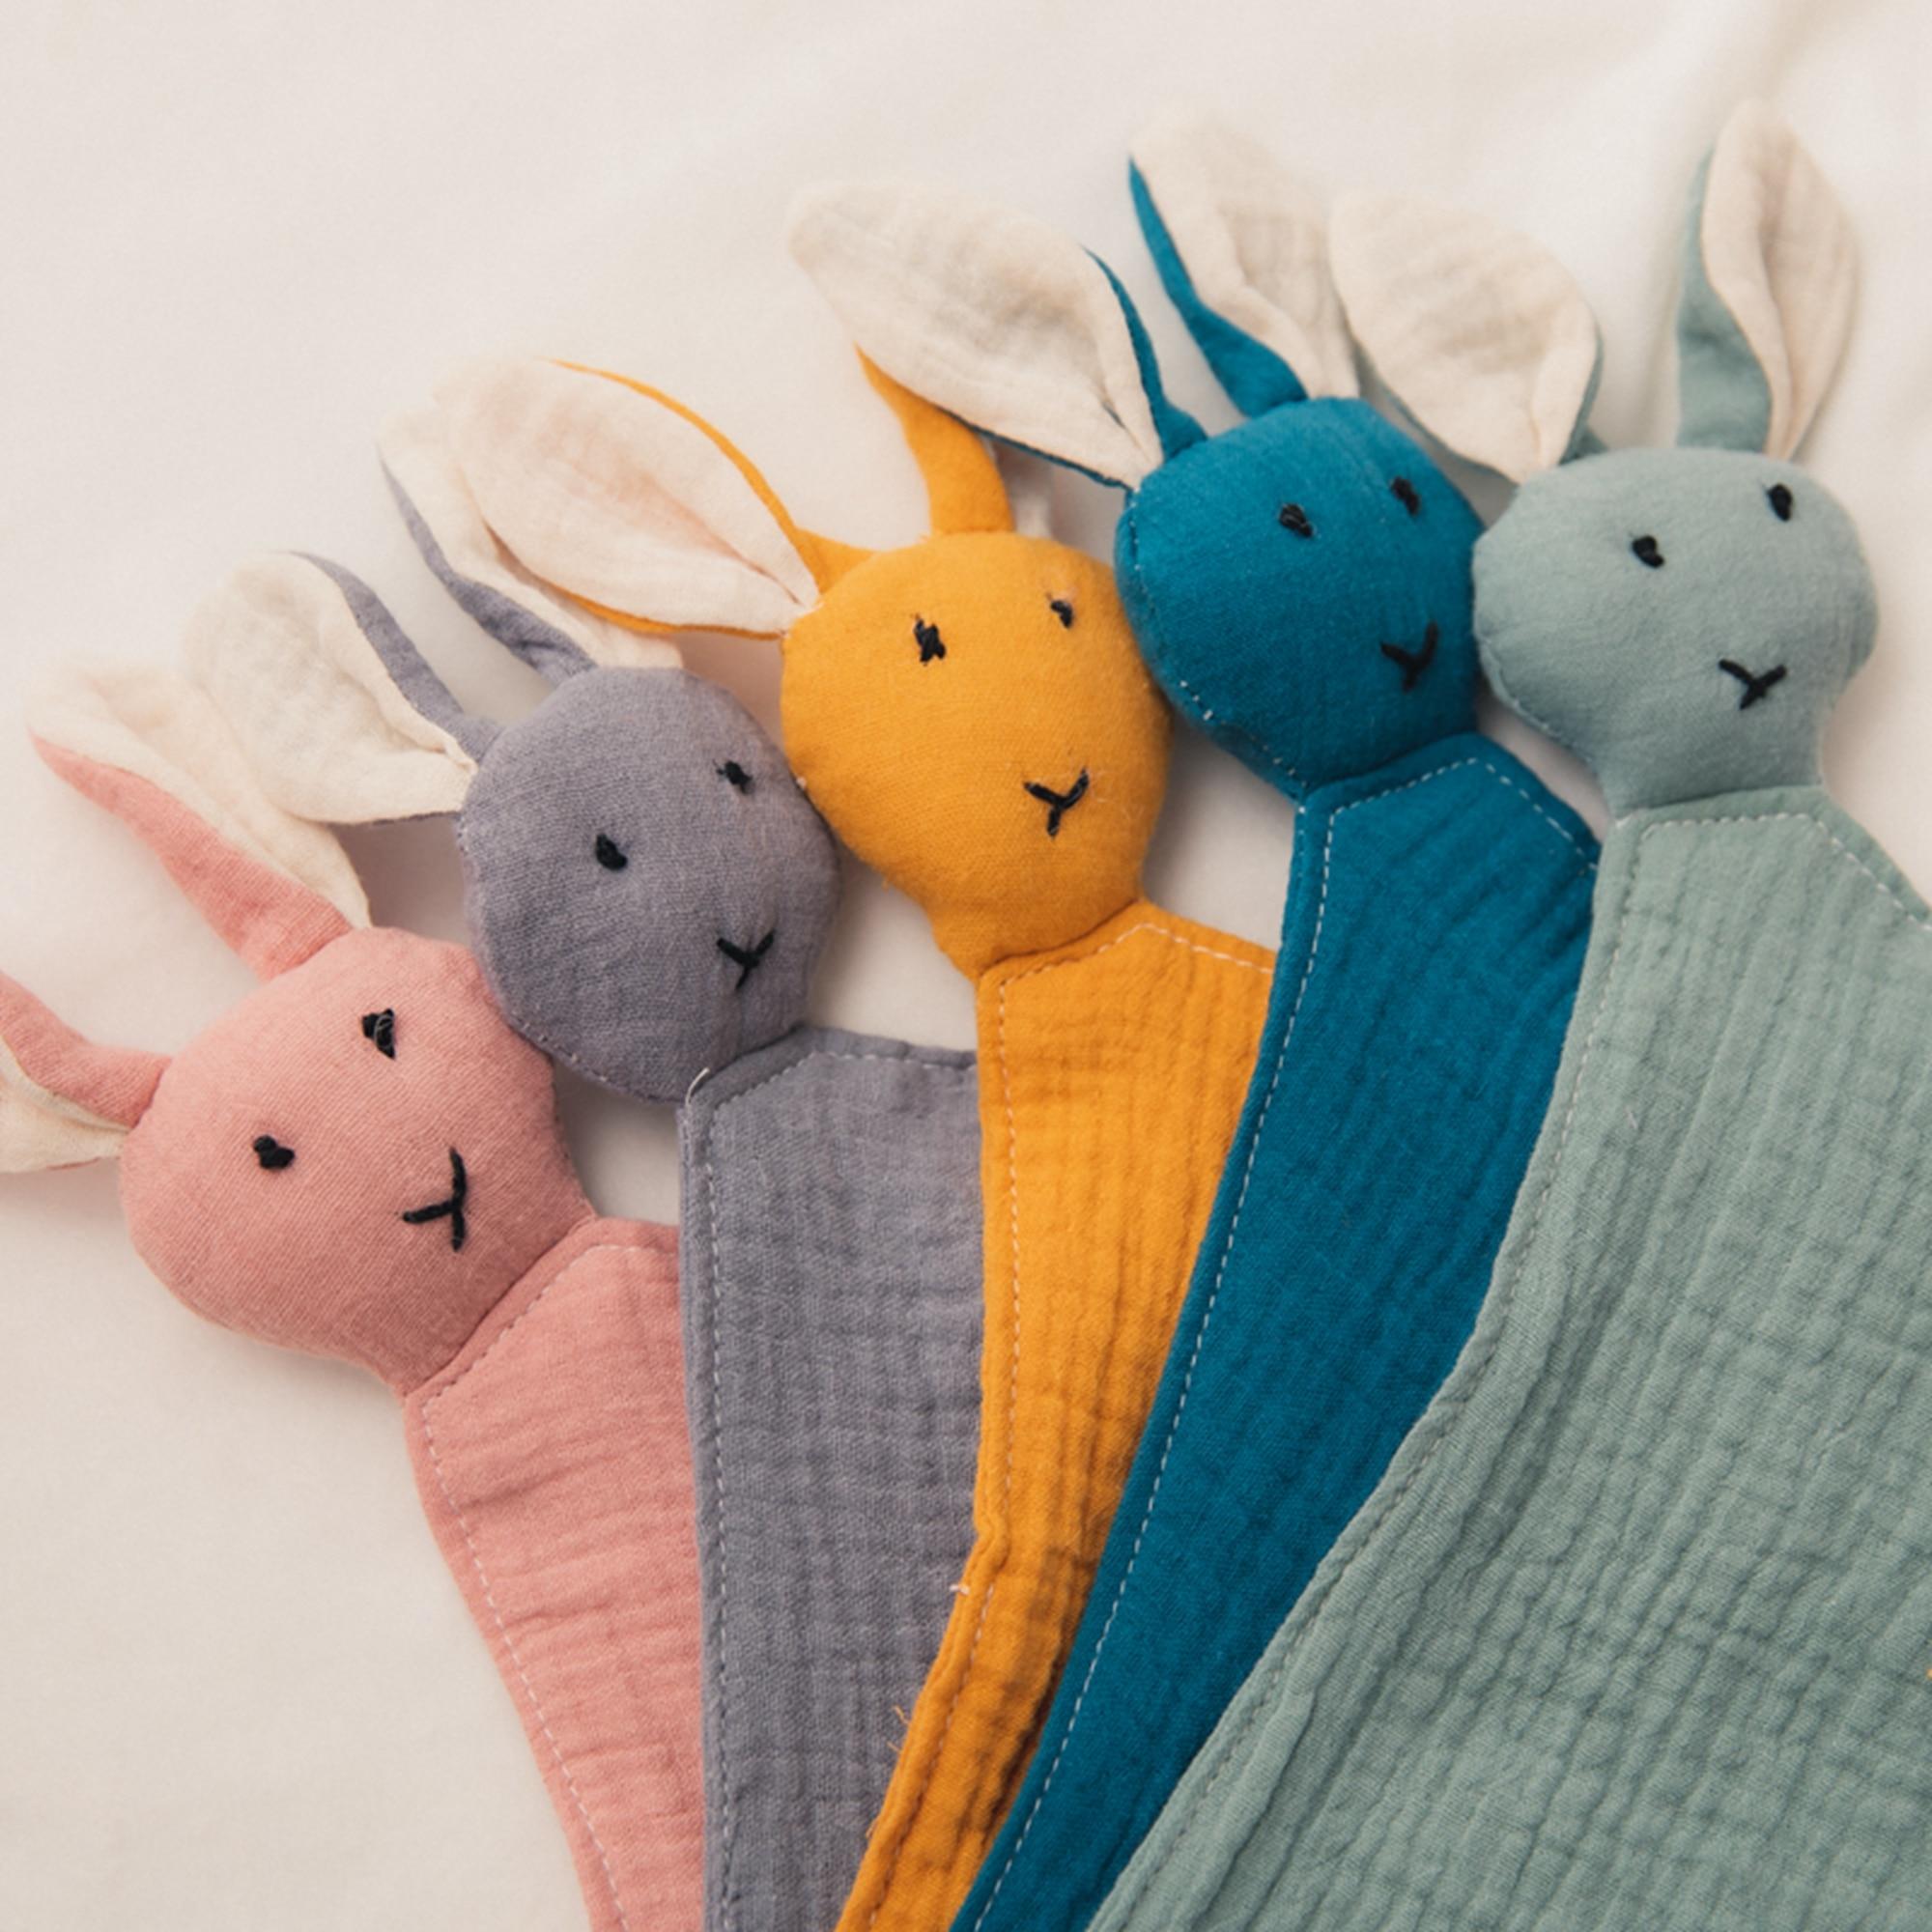 toalha macia para bebes recem nascidos toalha de banho para acalma e dormir moda para criancas